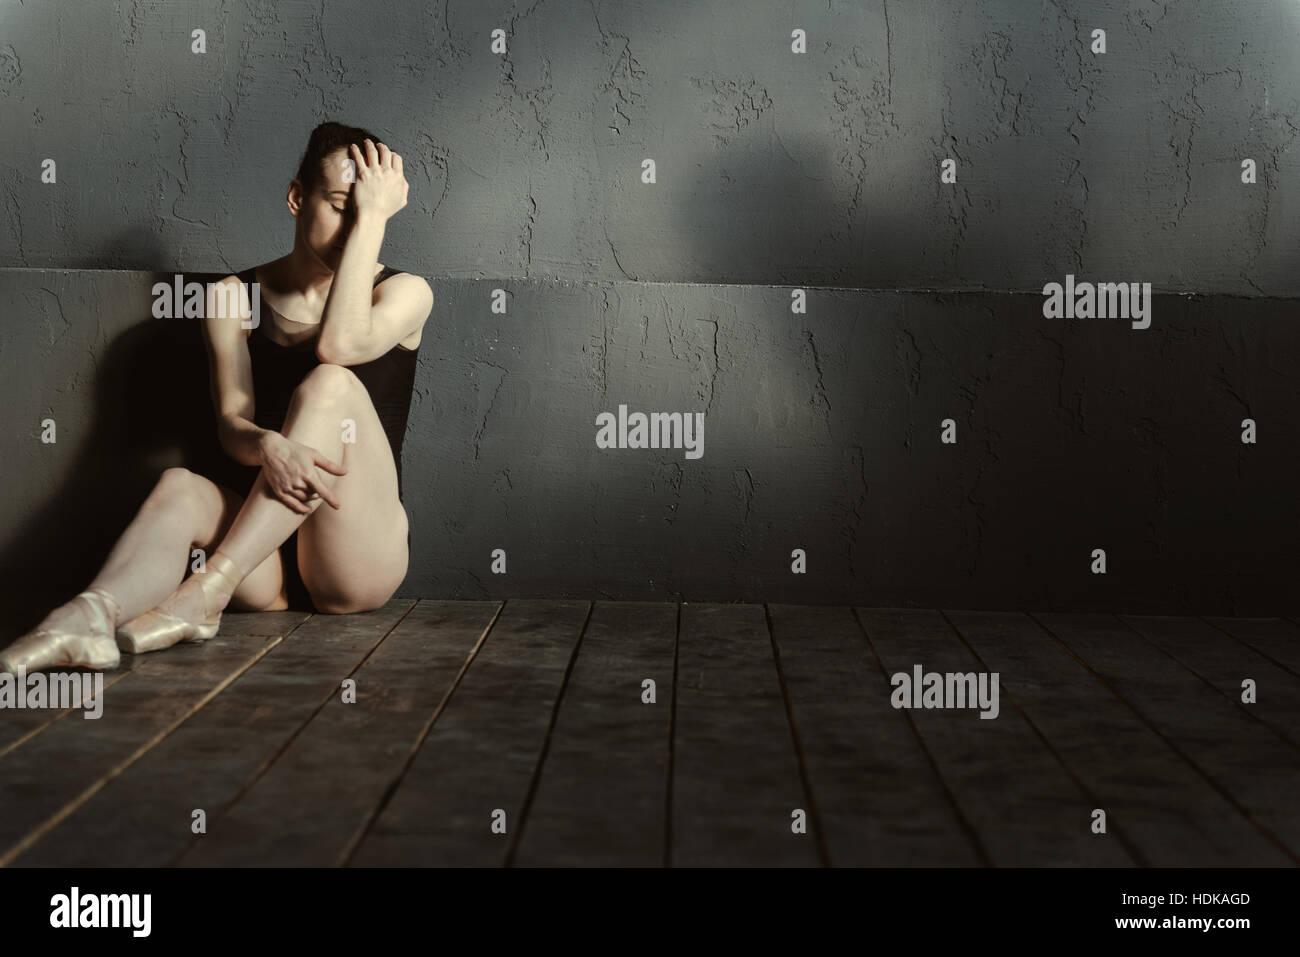 Decepcionado bailarina de ballet sentada en la oscuridad de la habitación iluminada Imagen De Stock